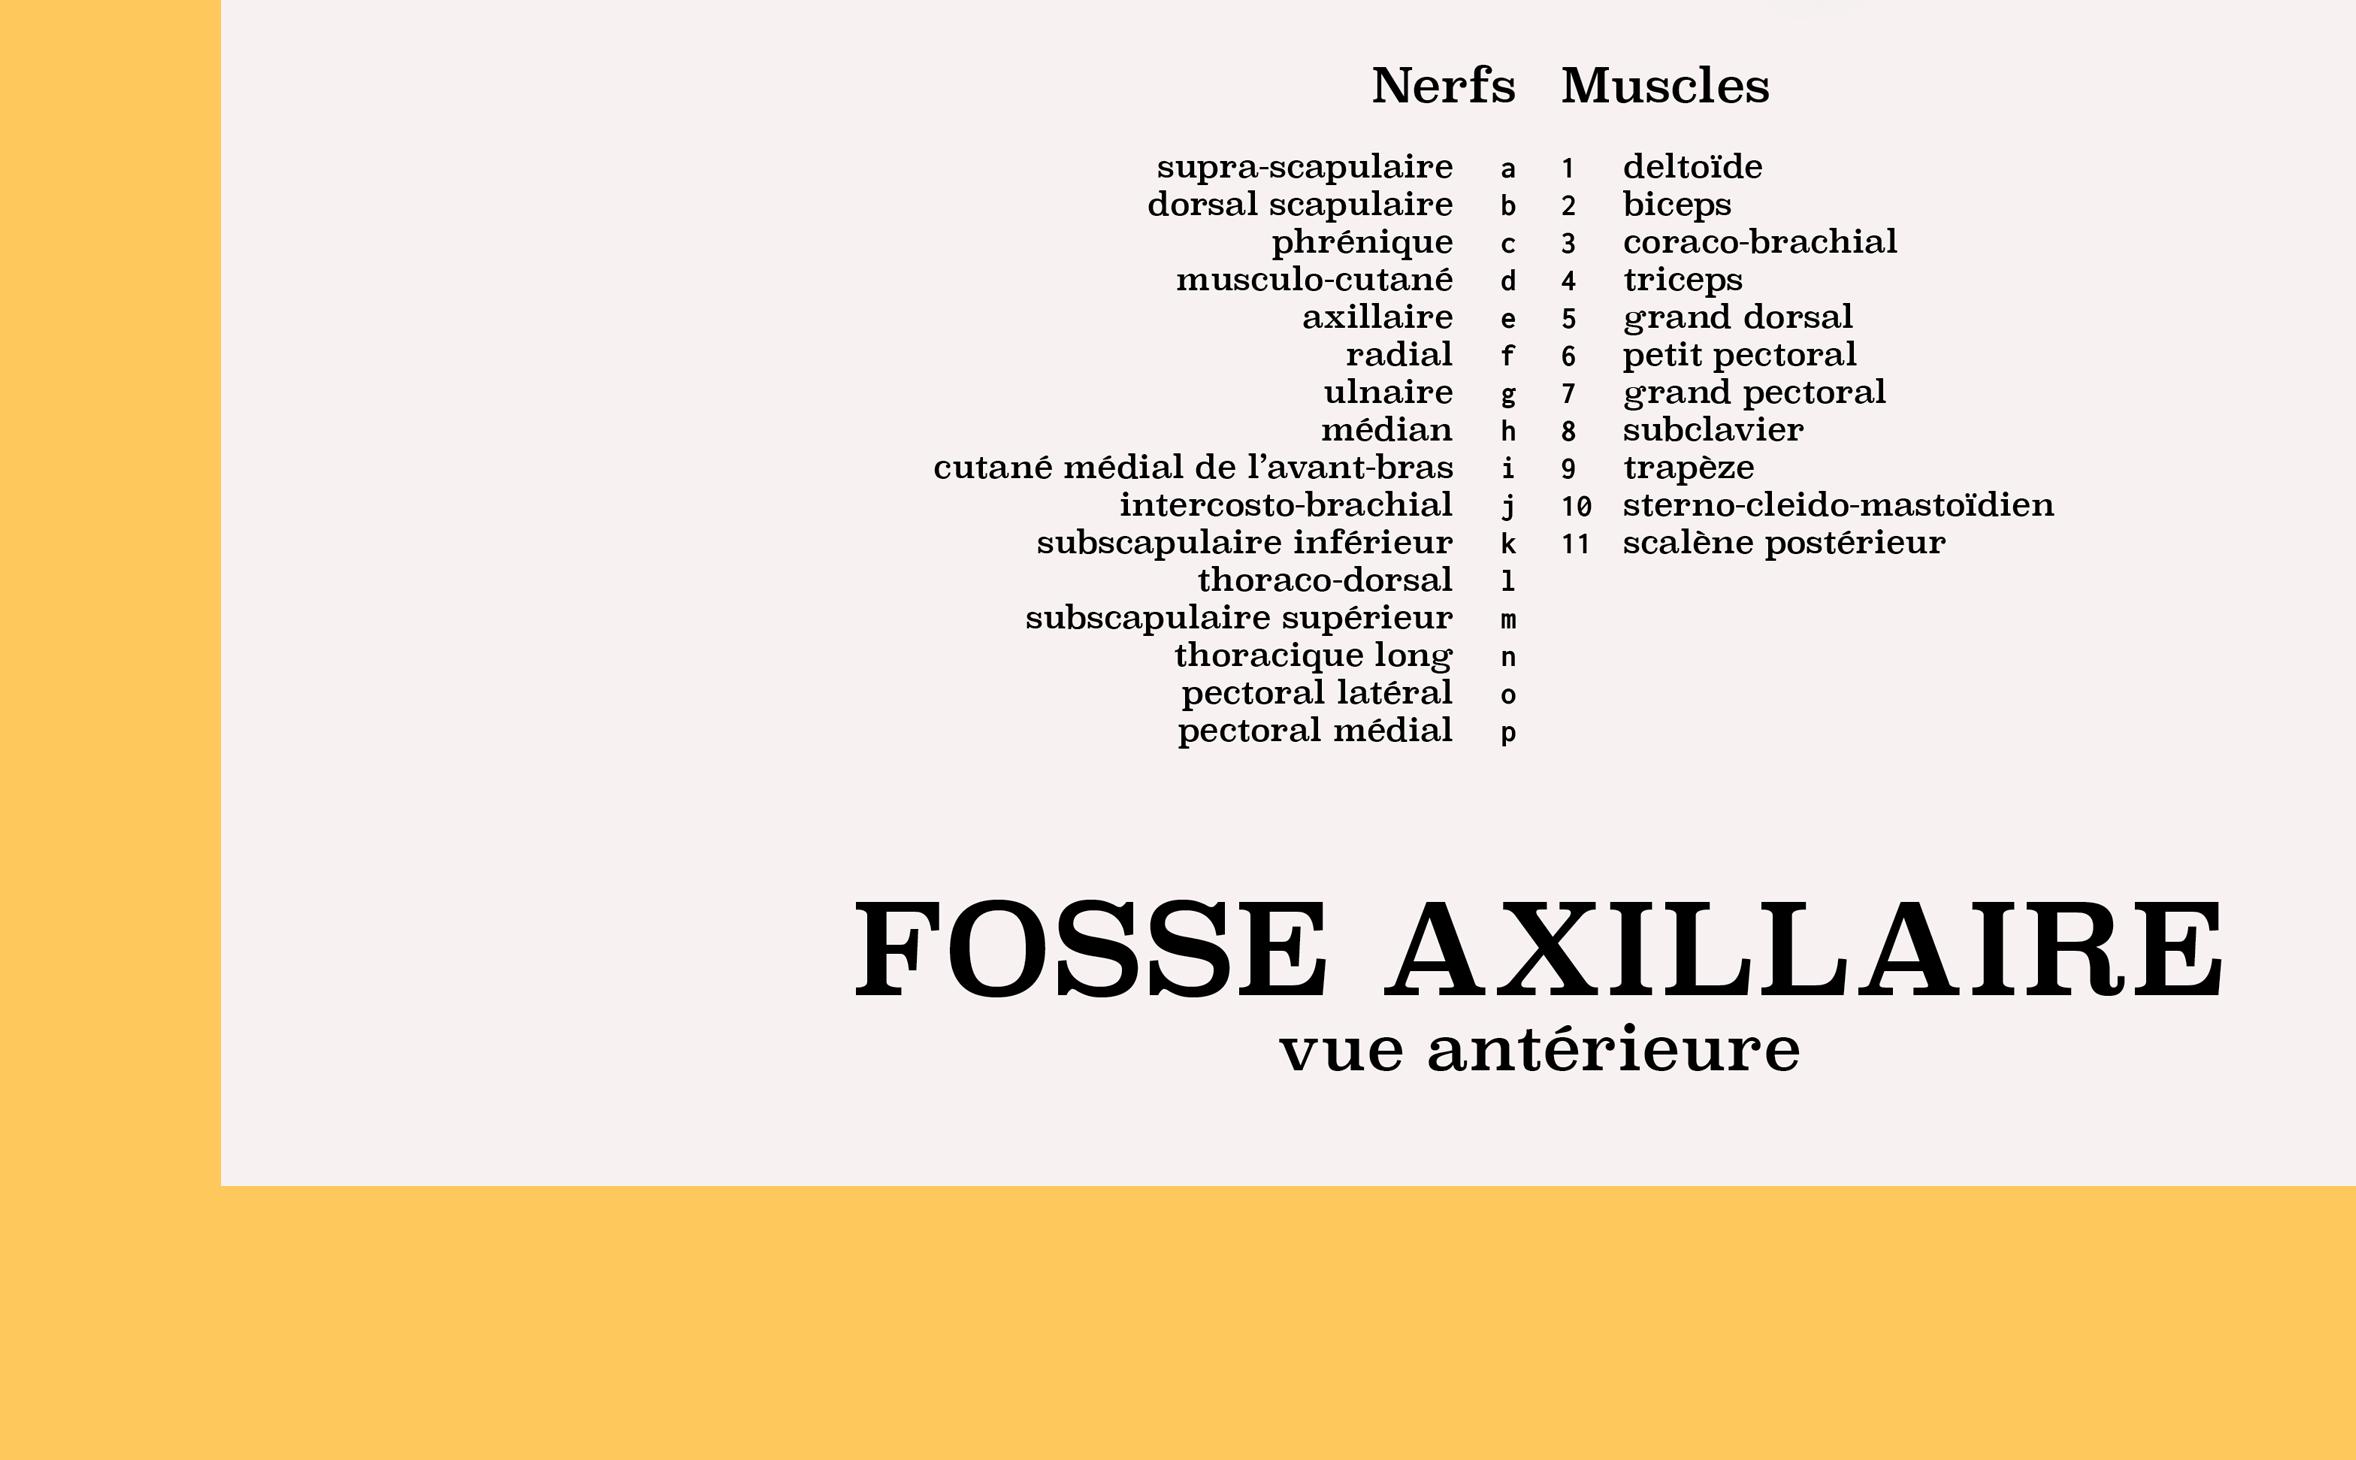 Axillary fossa, detail